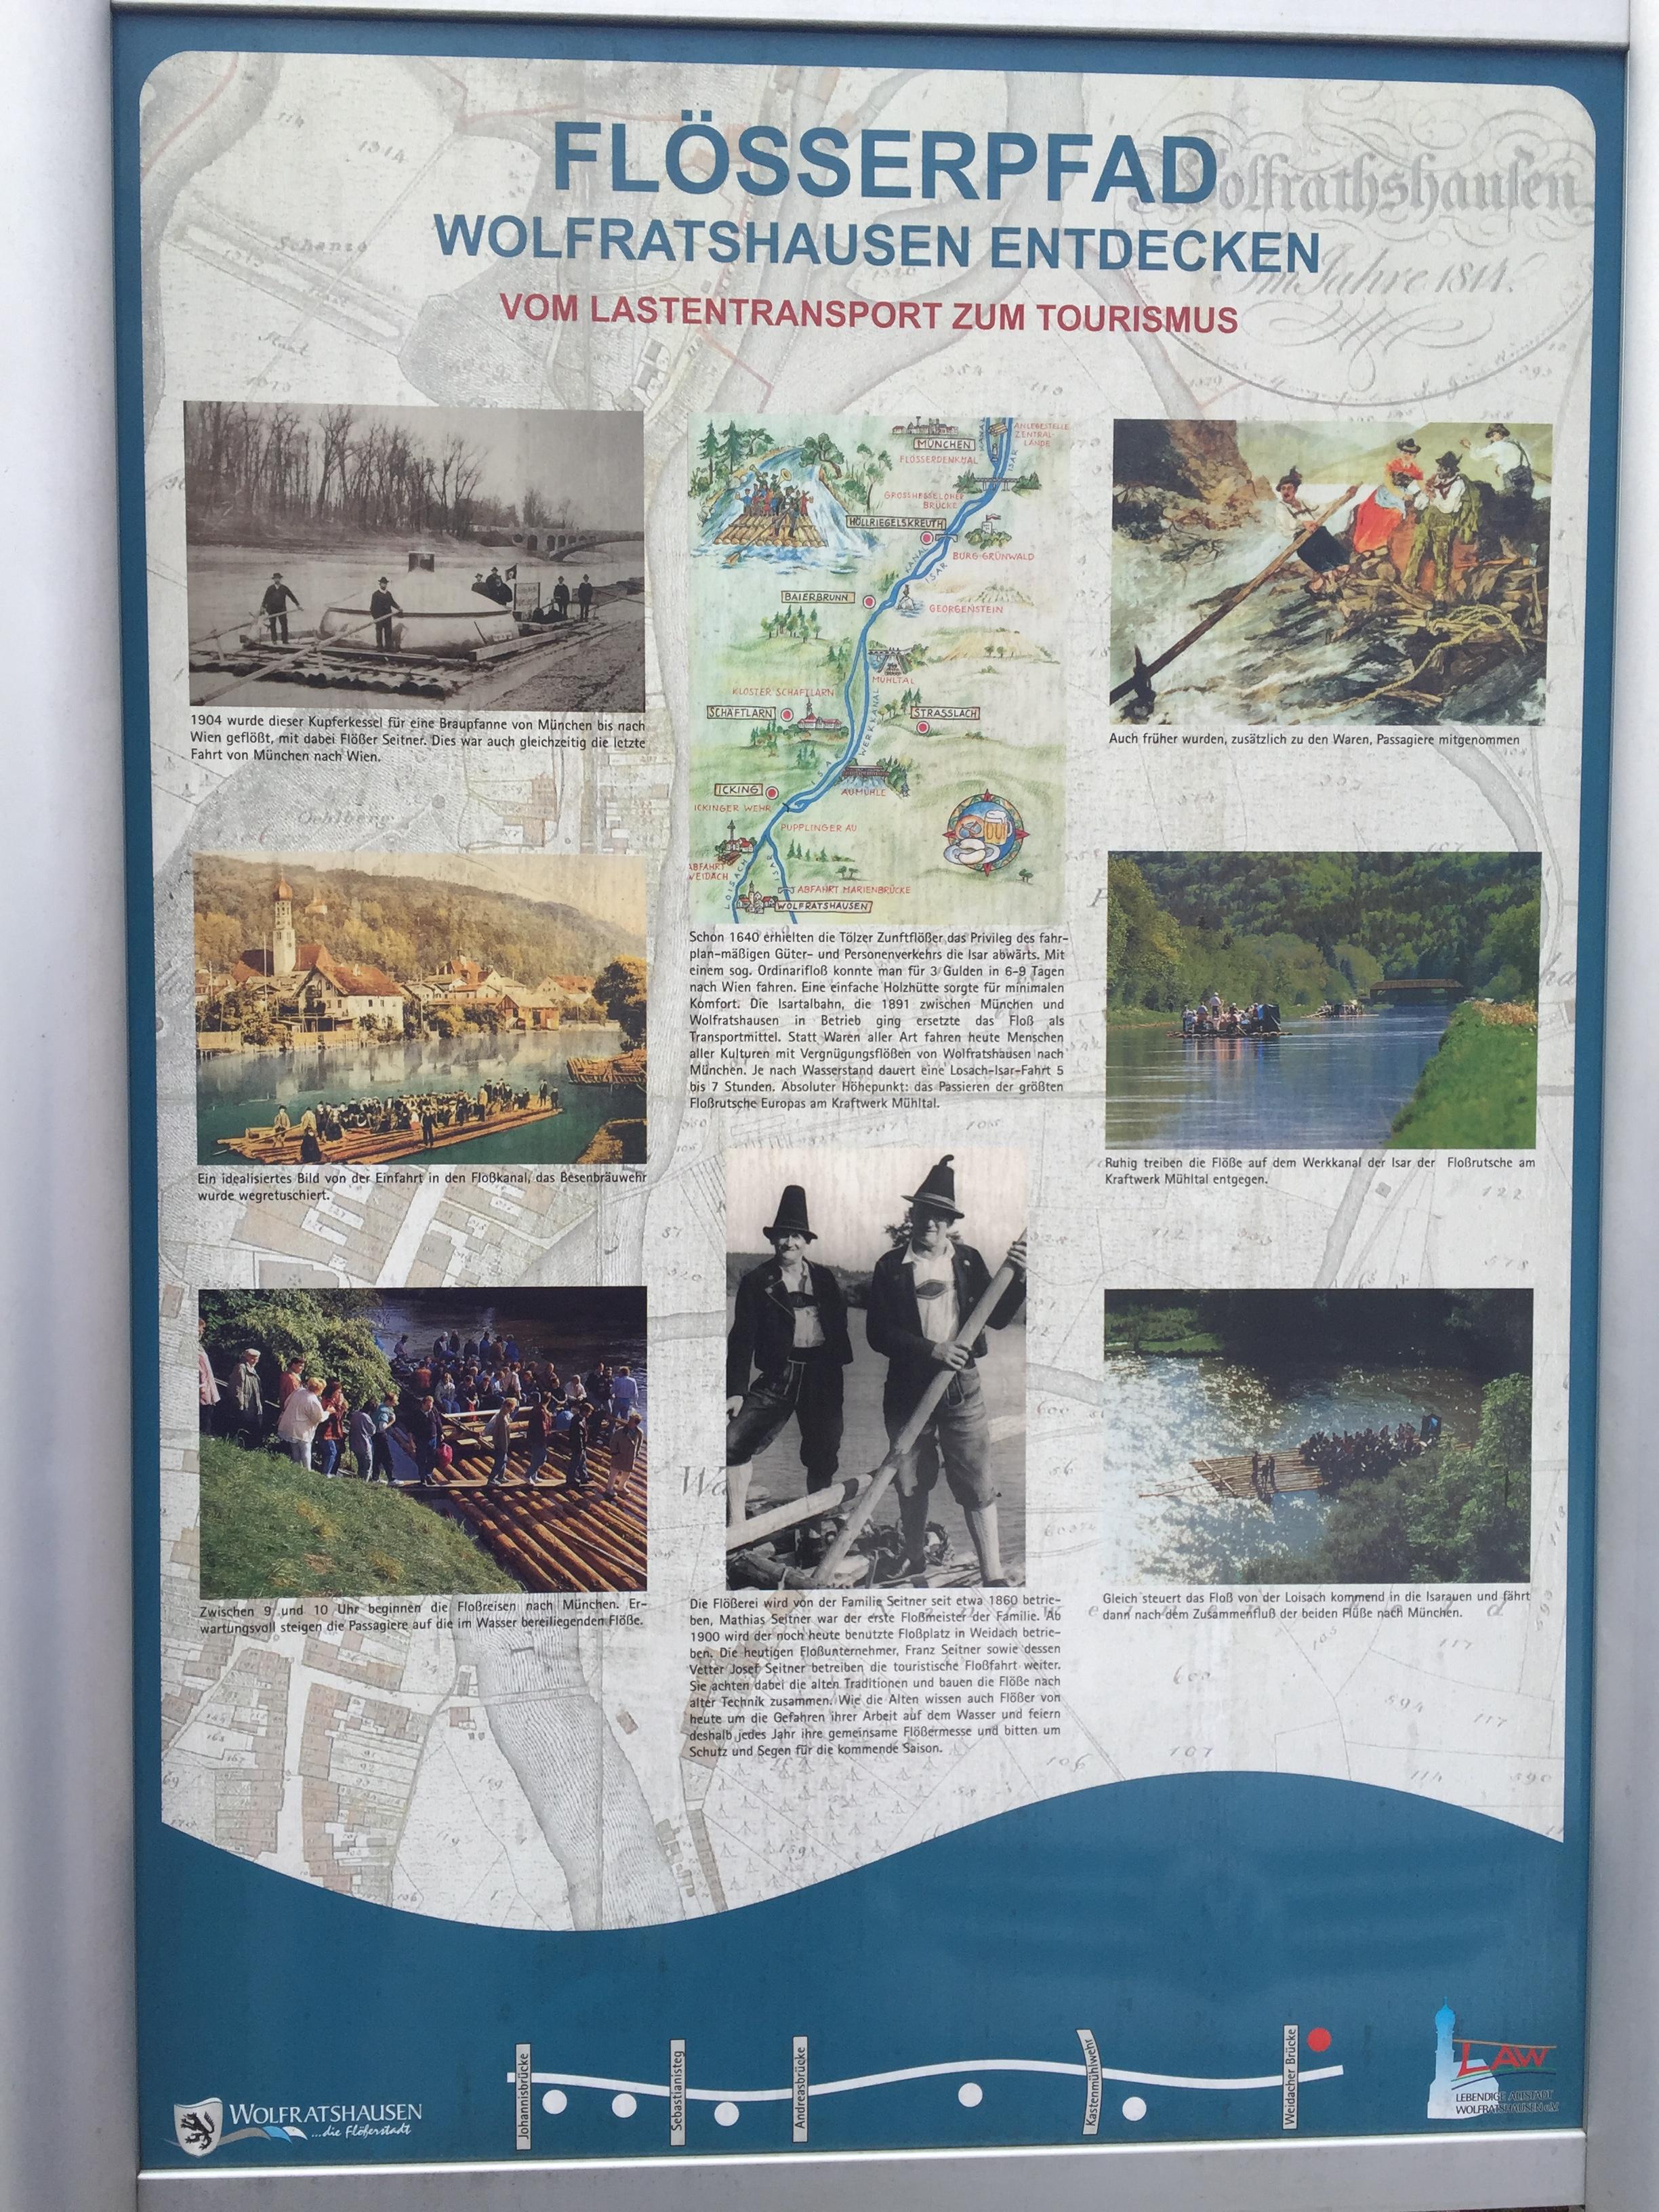 Anschaulich erklärt: die Historie der Flößerstadt Wolfratshausen und das Flößer-Handwerk